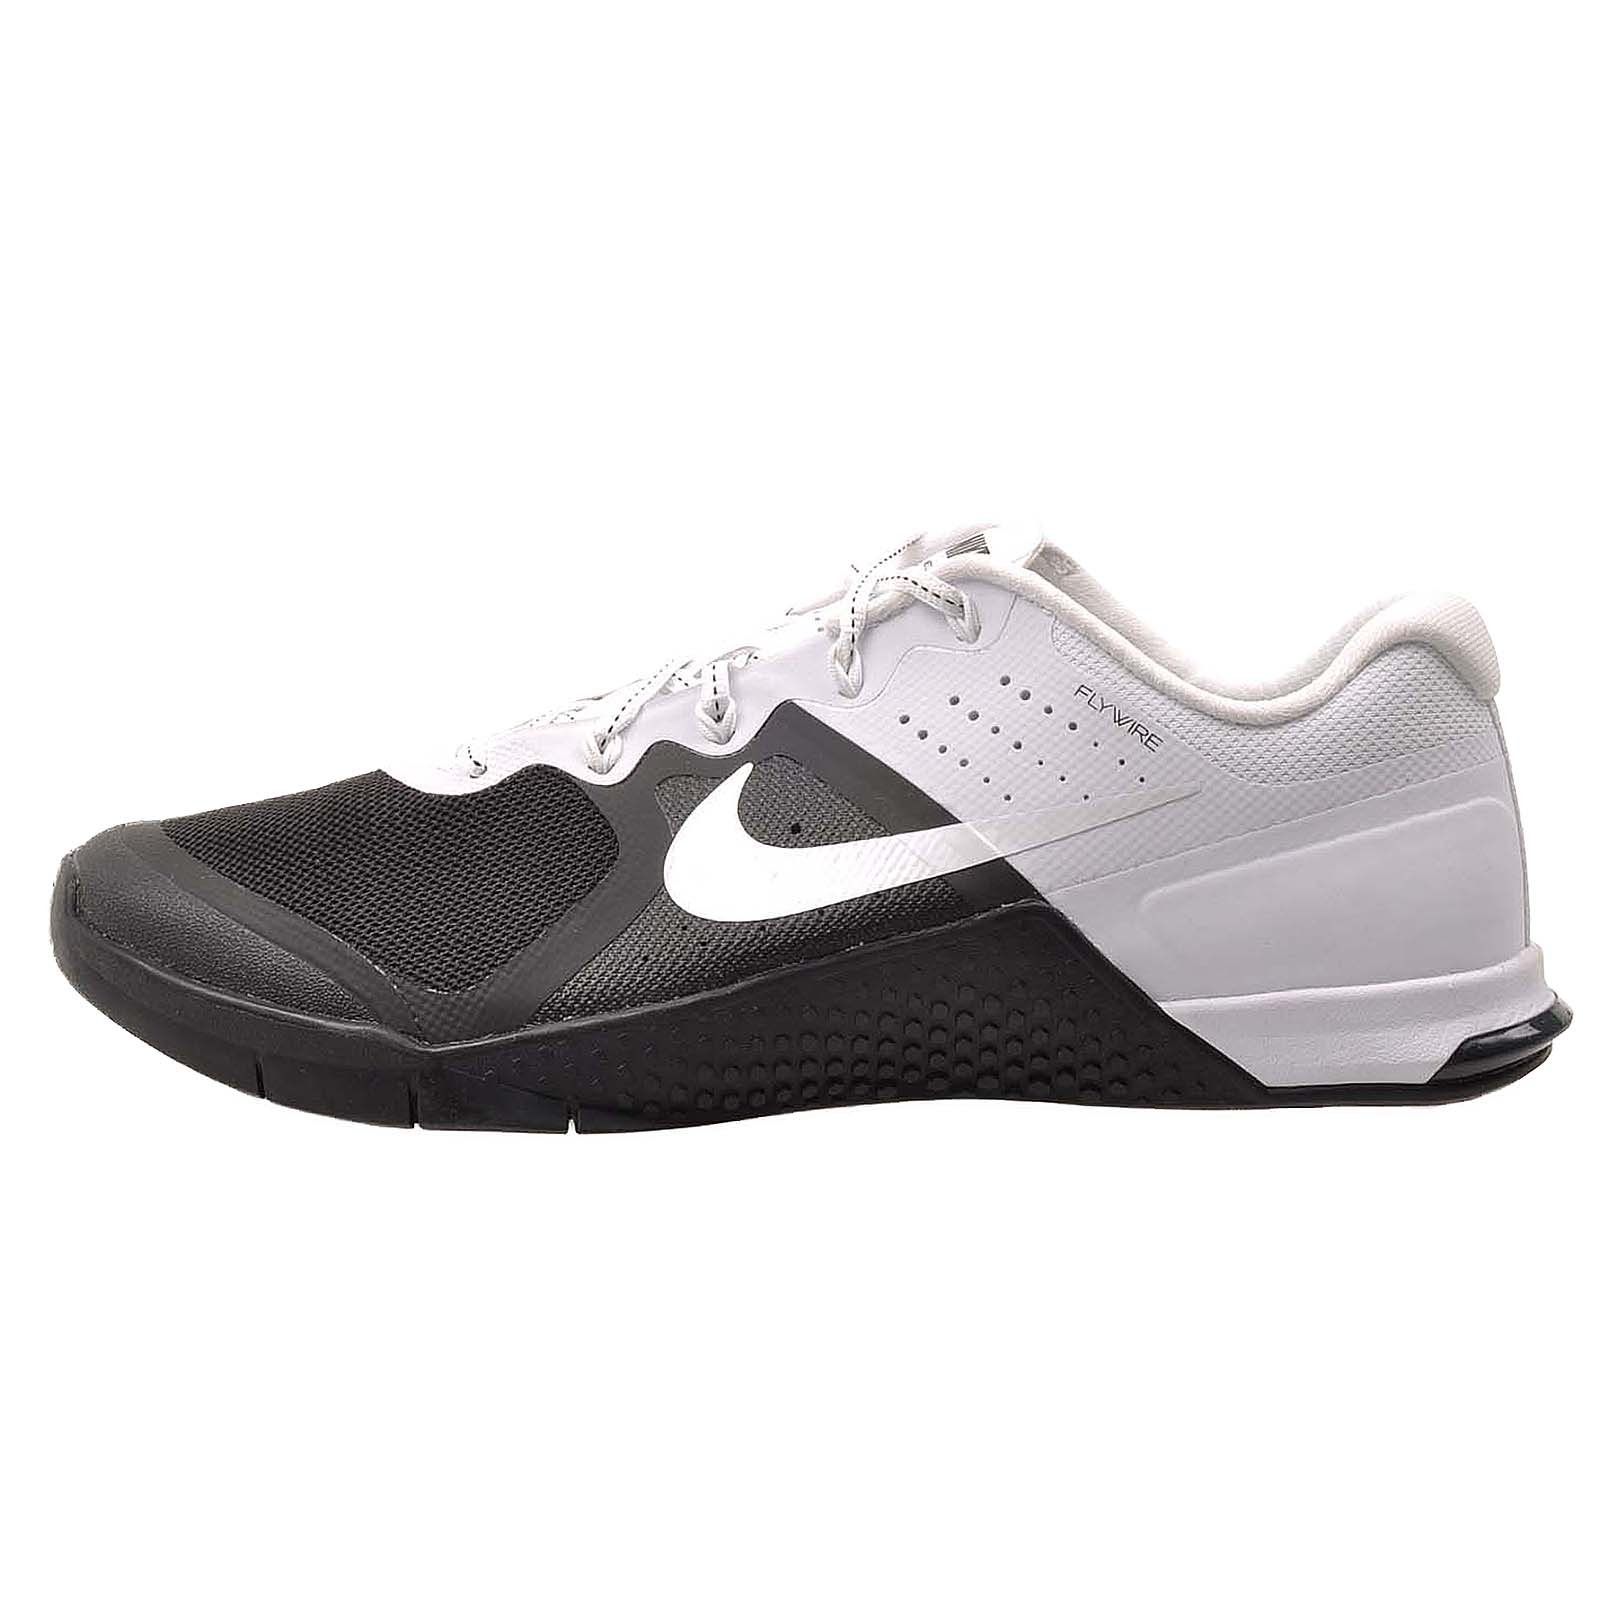 Nike Women's Wmns Metcon 2, Black / White, Size 11.5